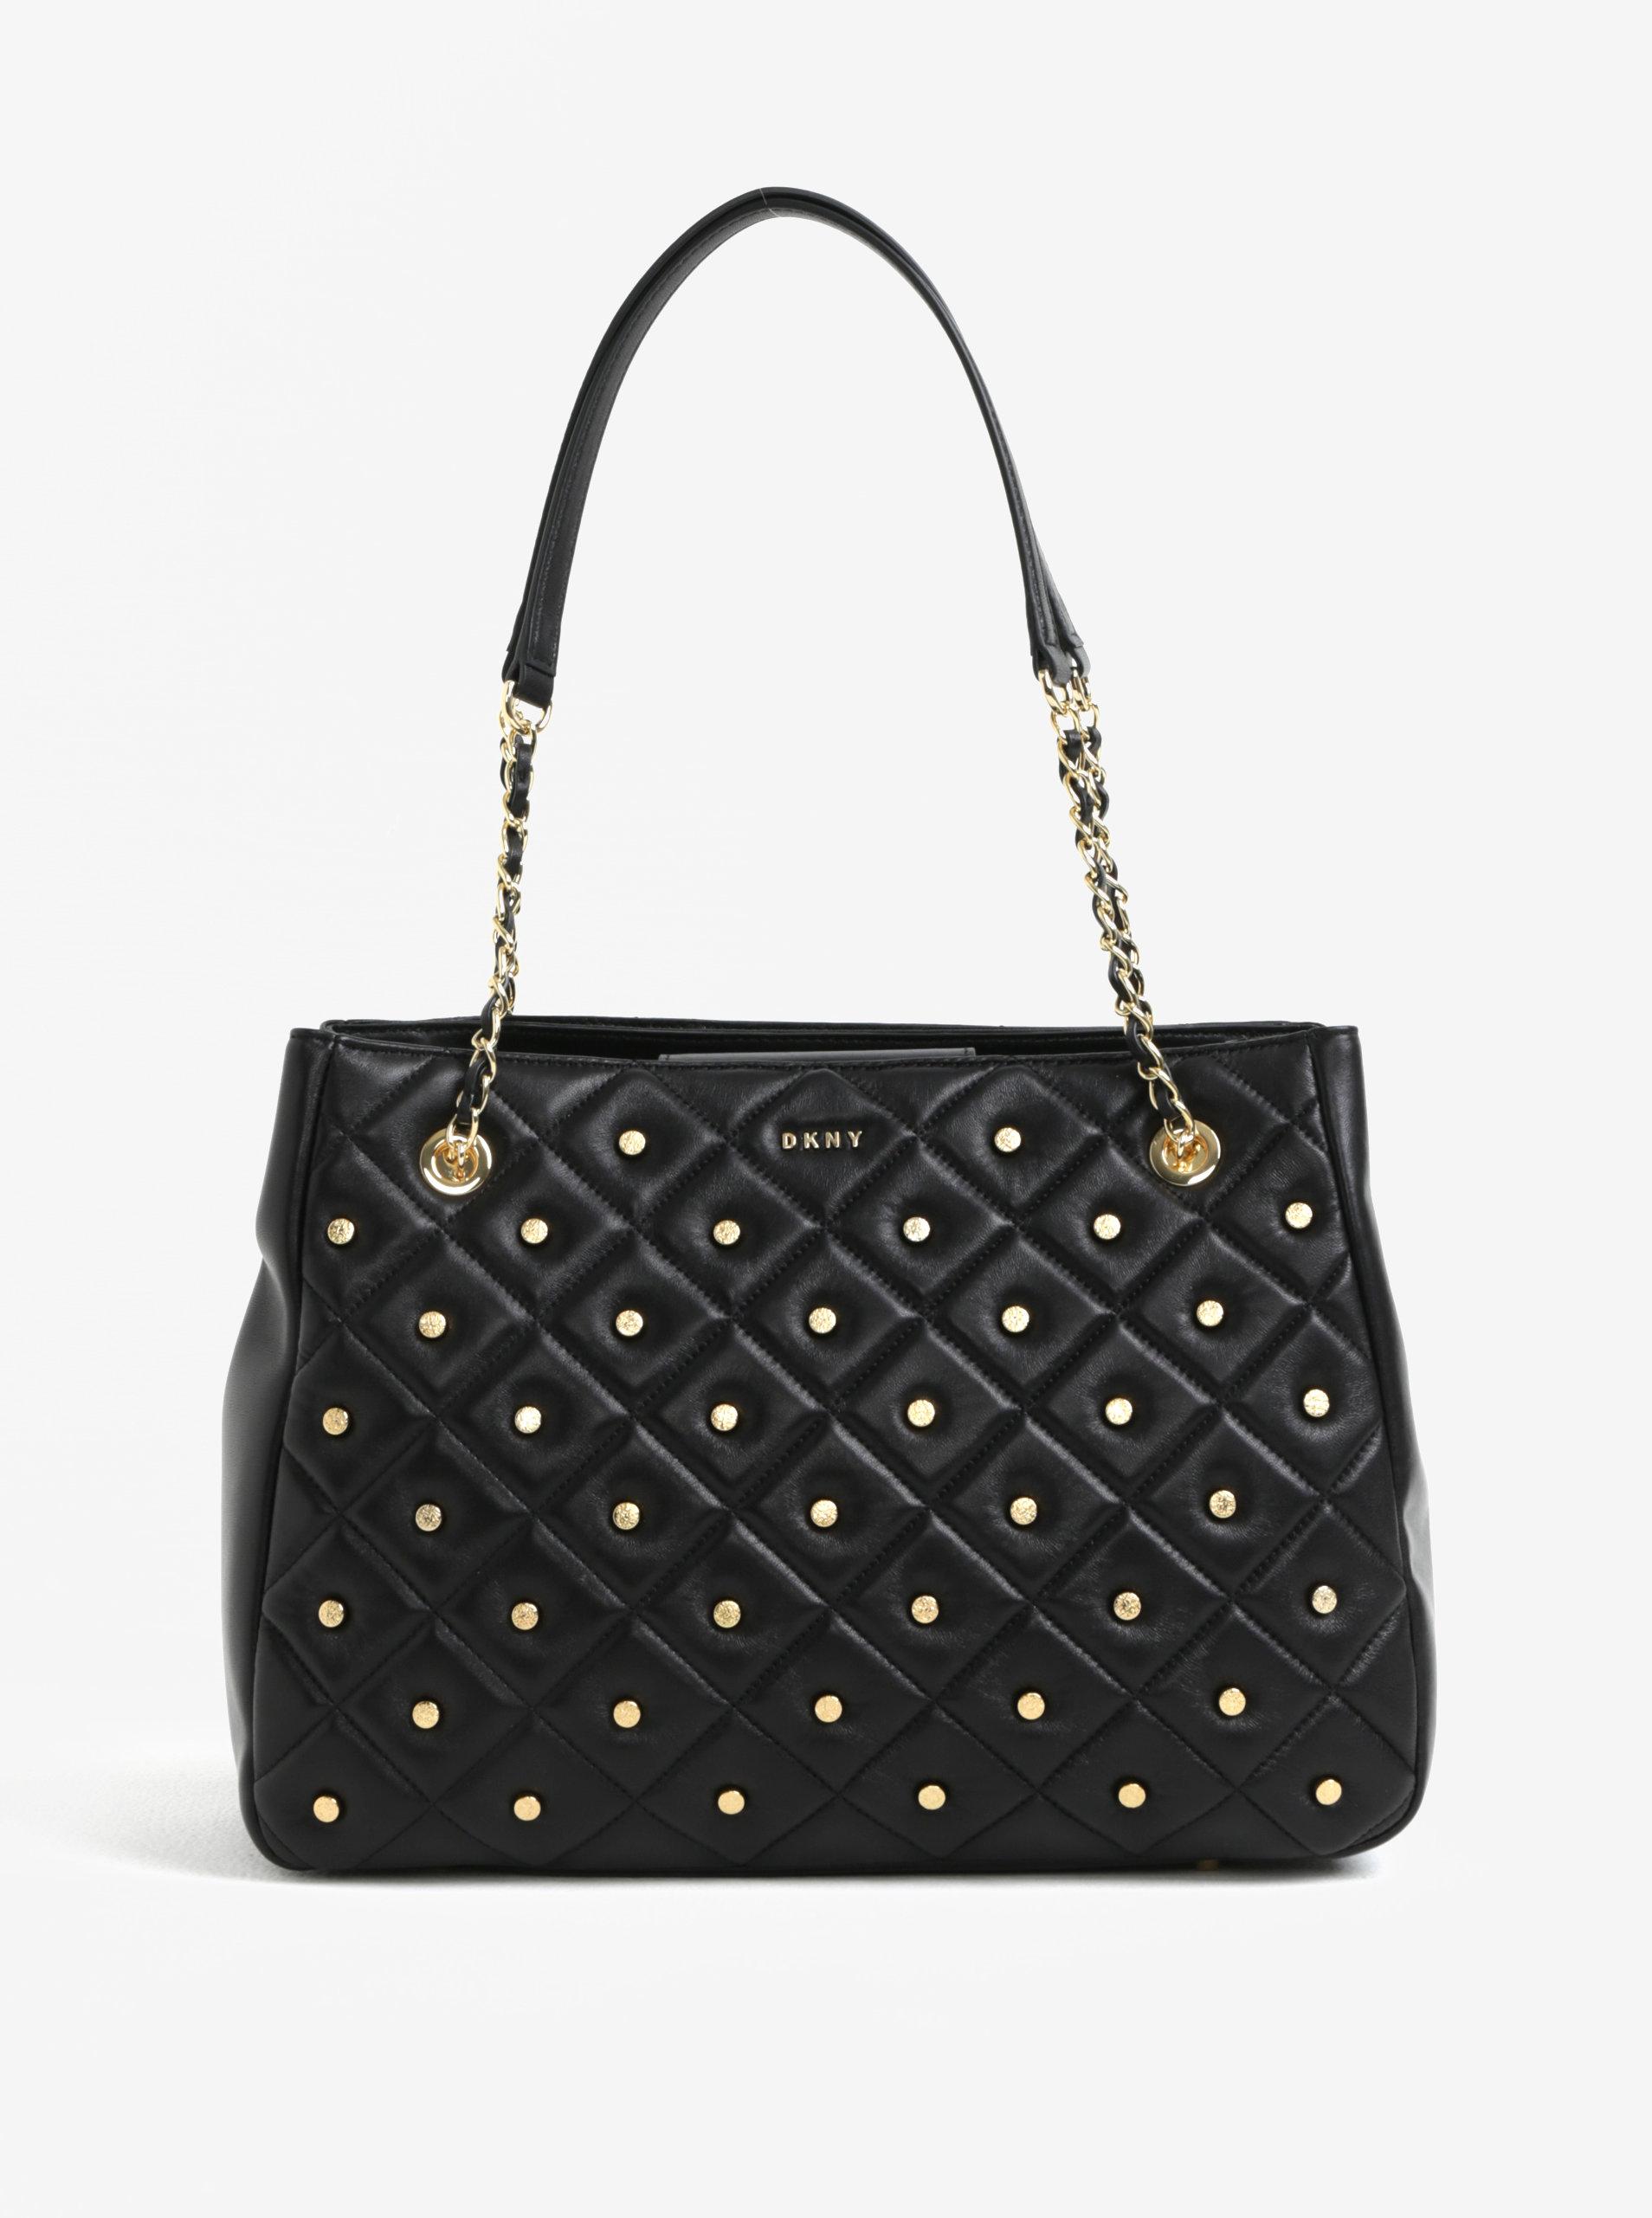 8e5c010f3b Černá velká kožená kabelka s detaily ve zlaté barvě DKNY Barbara ...